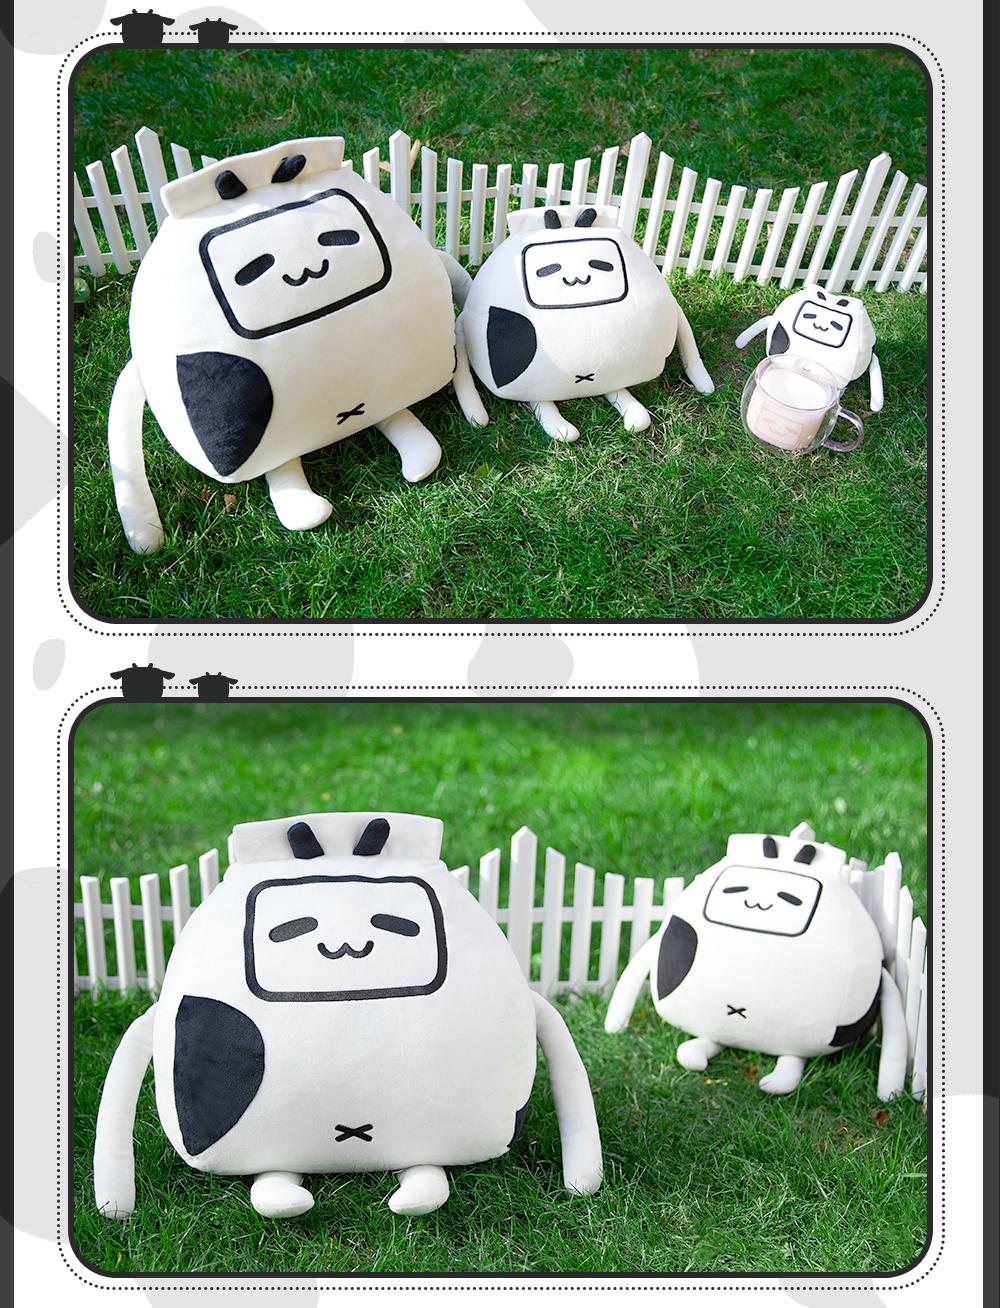 bilibili哔哩哔哩小电视牛奶盒毛绒抱枕靠垫可爱公仔玩偶动漫周边 大号